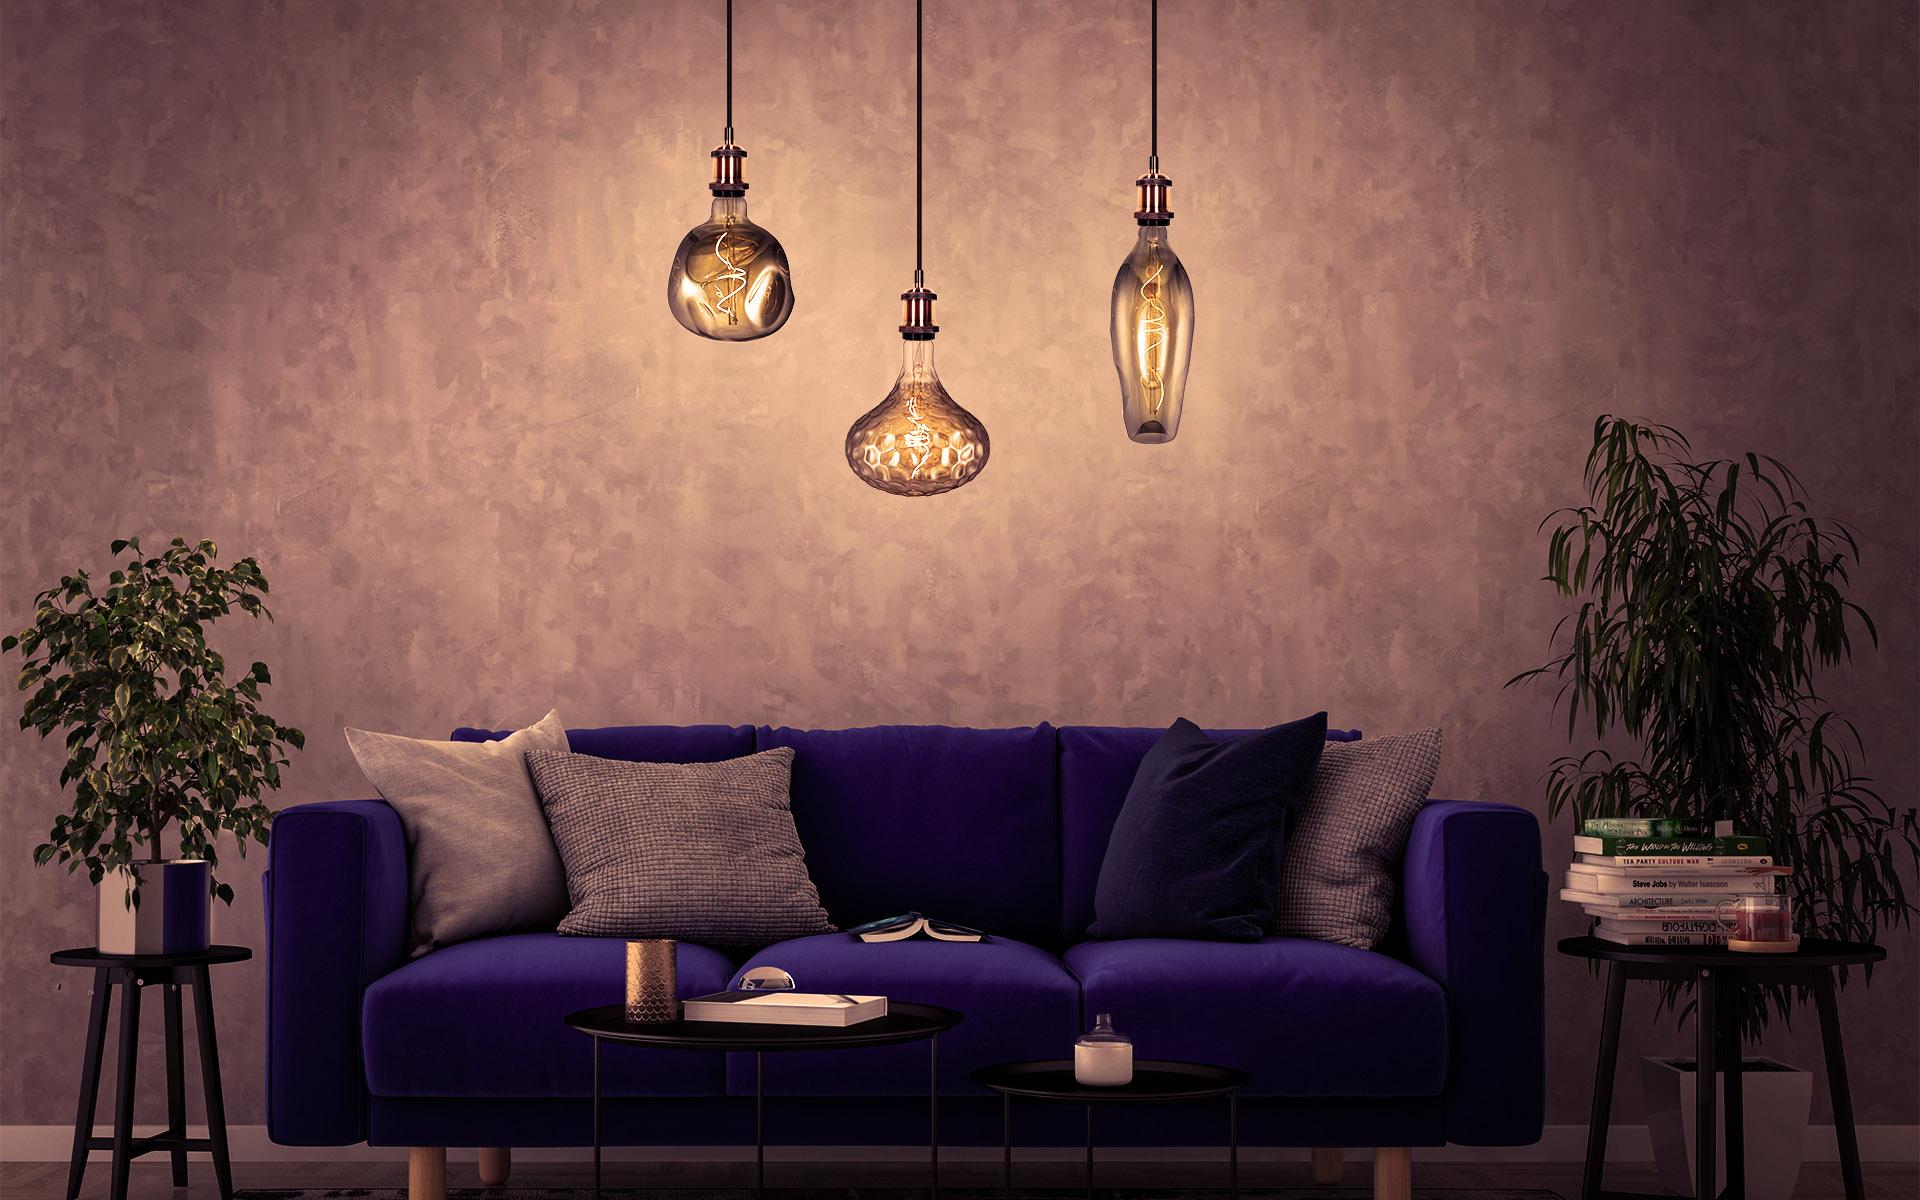 Il design coniugato con l'illuminazione